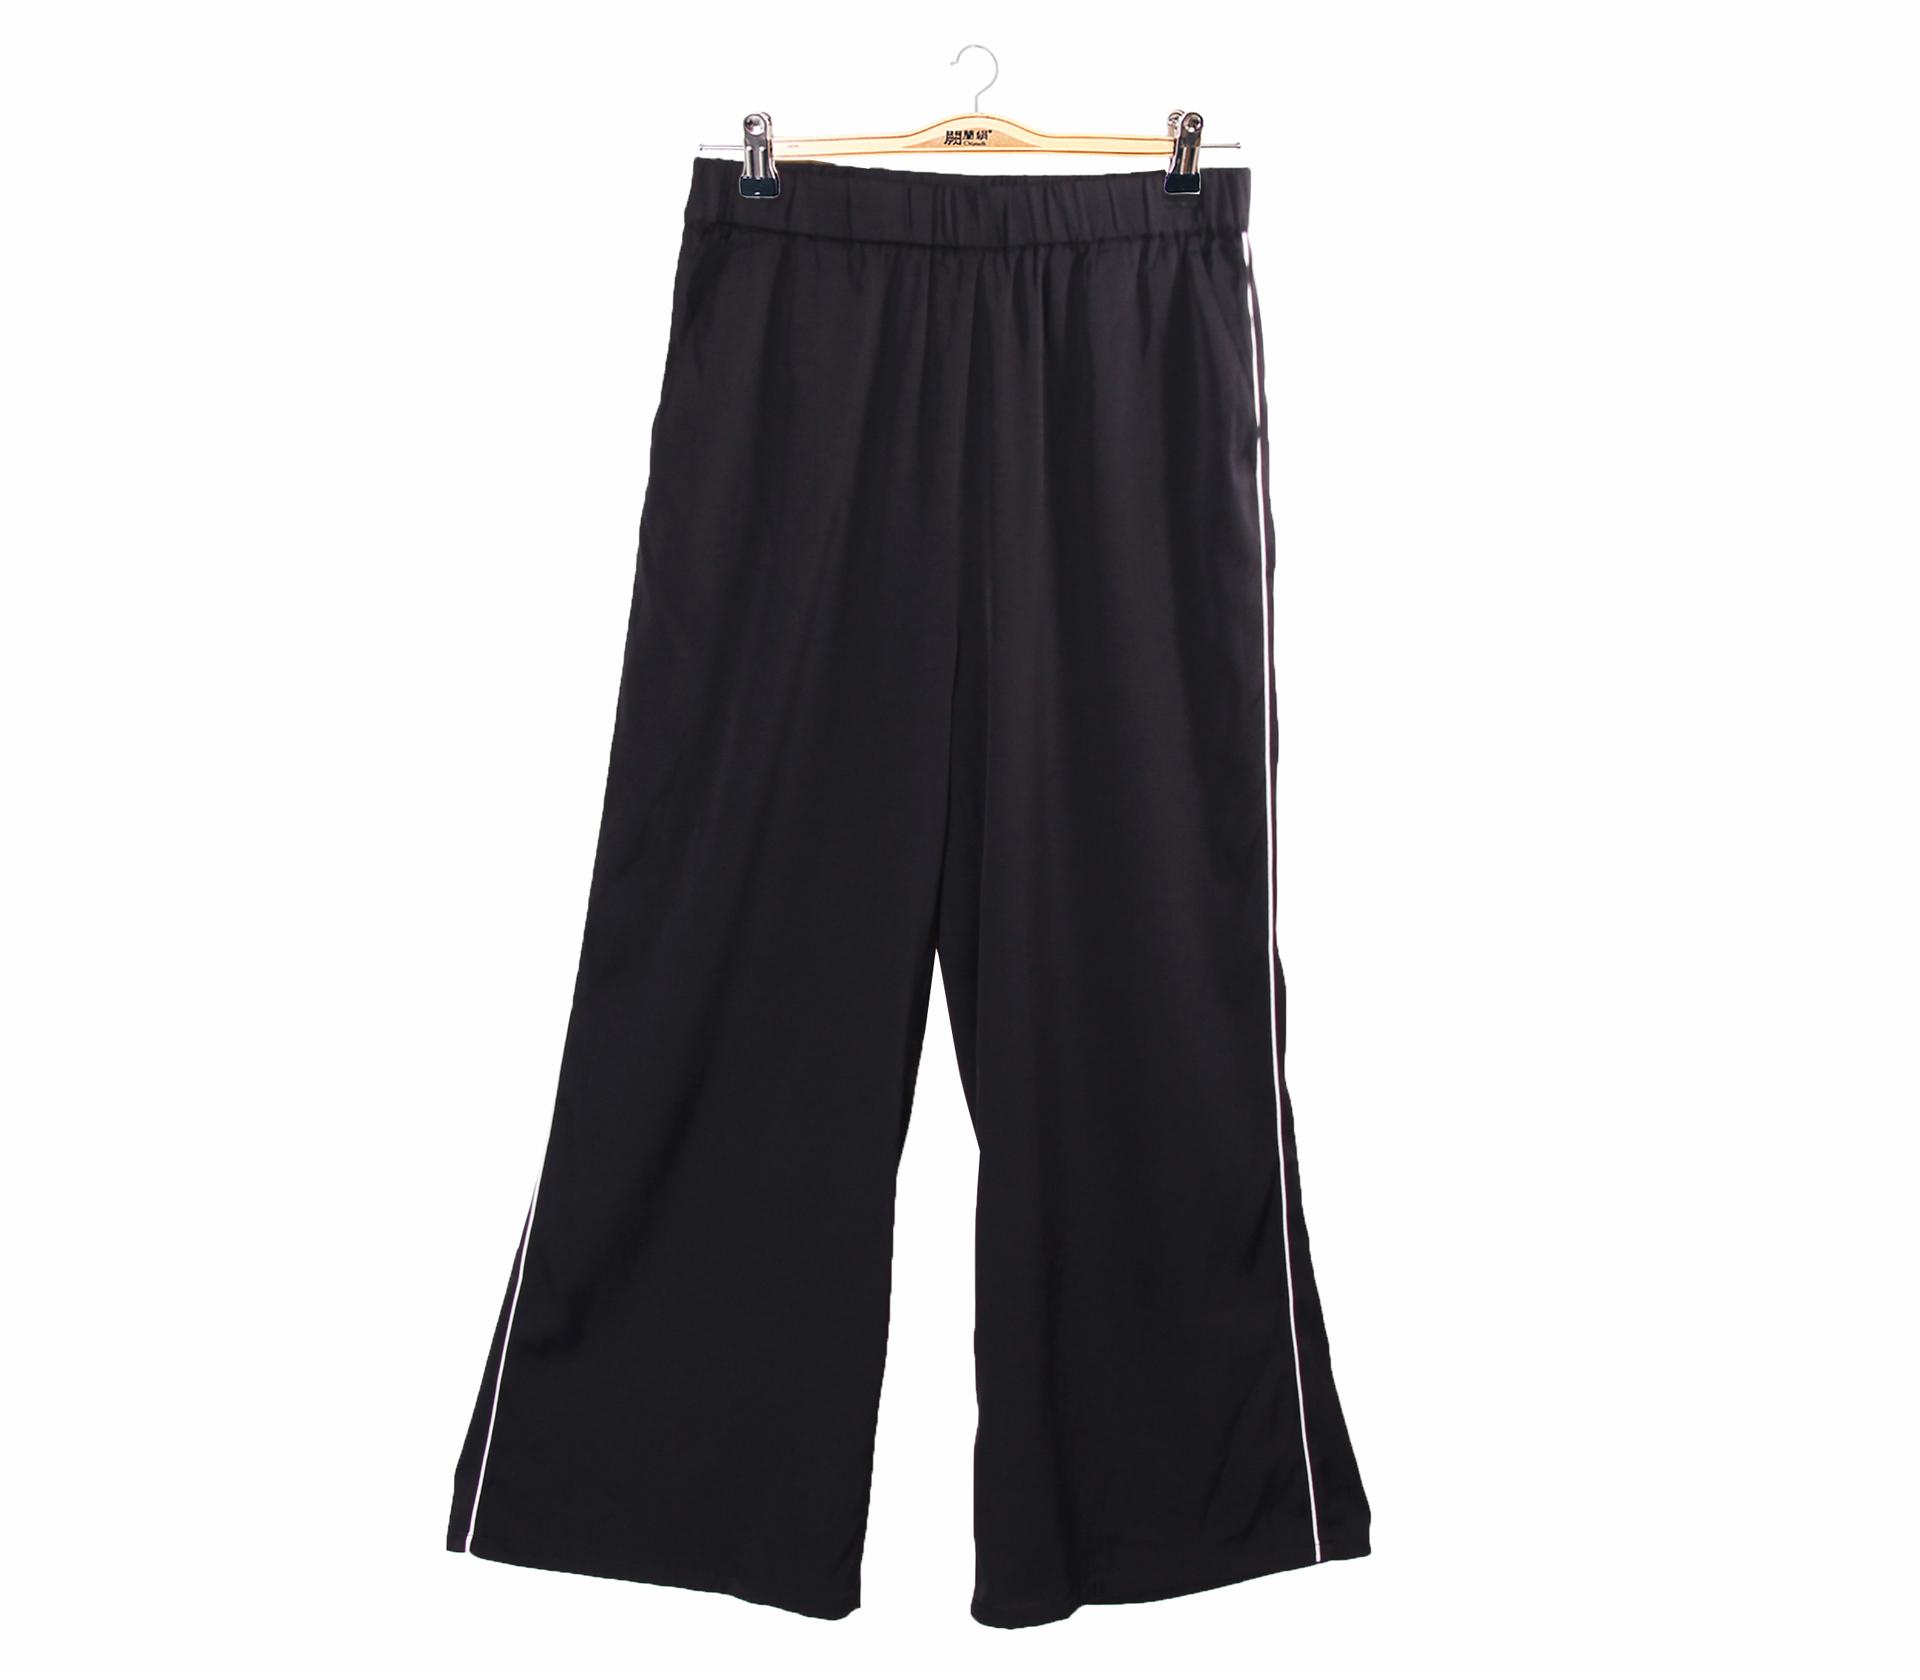 闕蘭絹經典不敗黑色修身蠶絲寬褲-6406(黑)